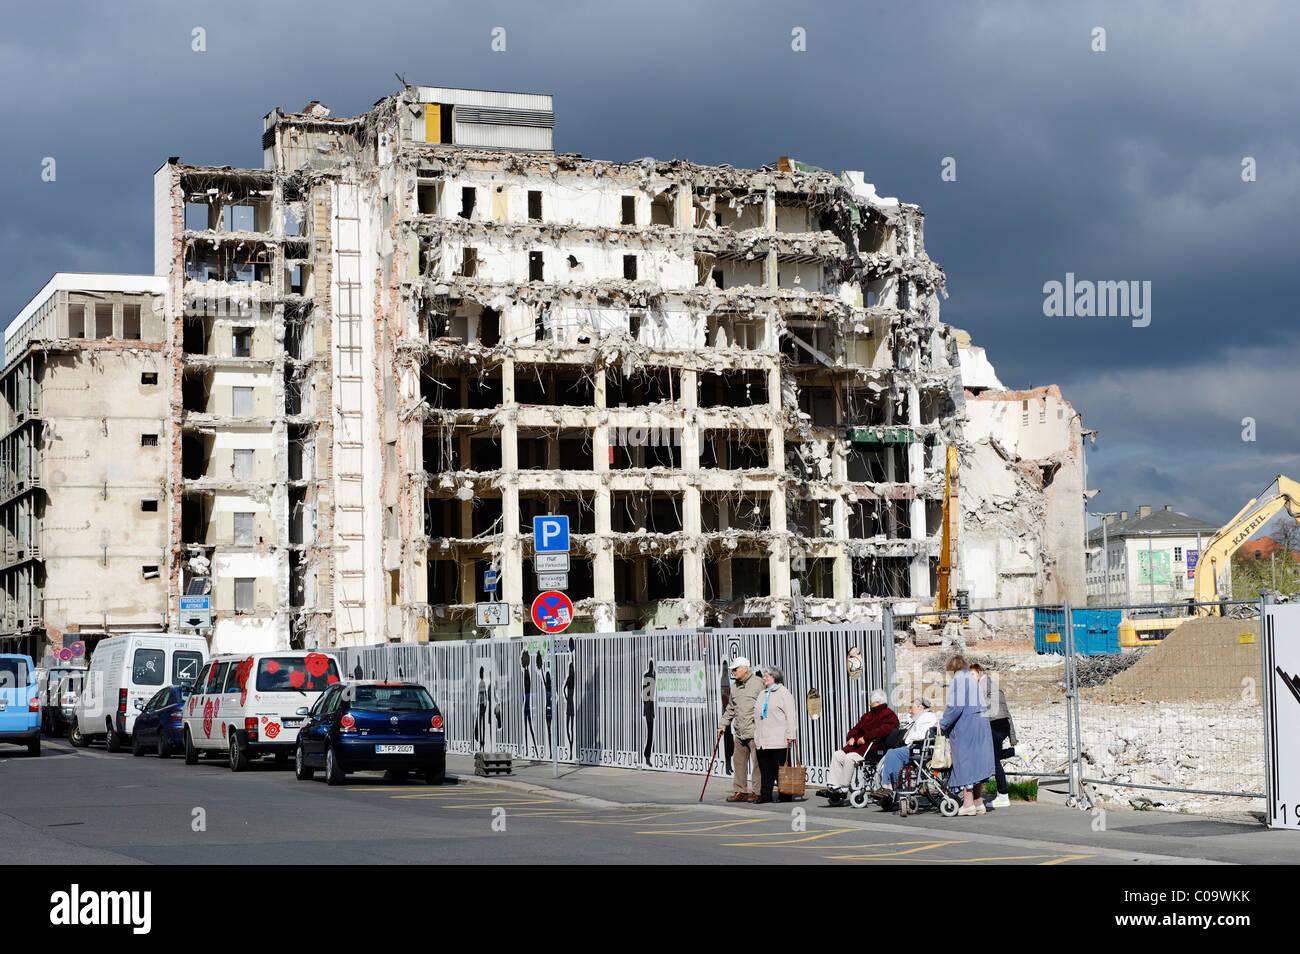 House demolation on Richard-Wagner-Strasse, Leipzig, Saxony, Germany, Europe - Stock Image